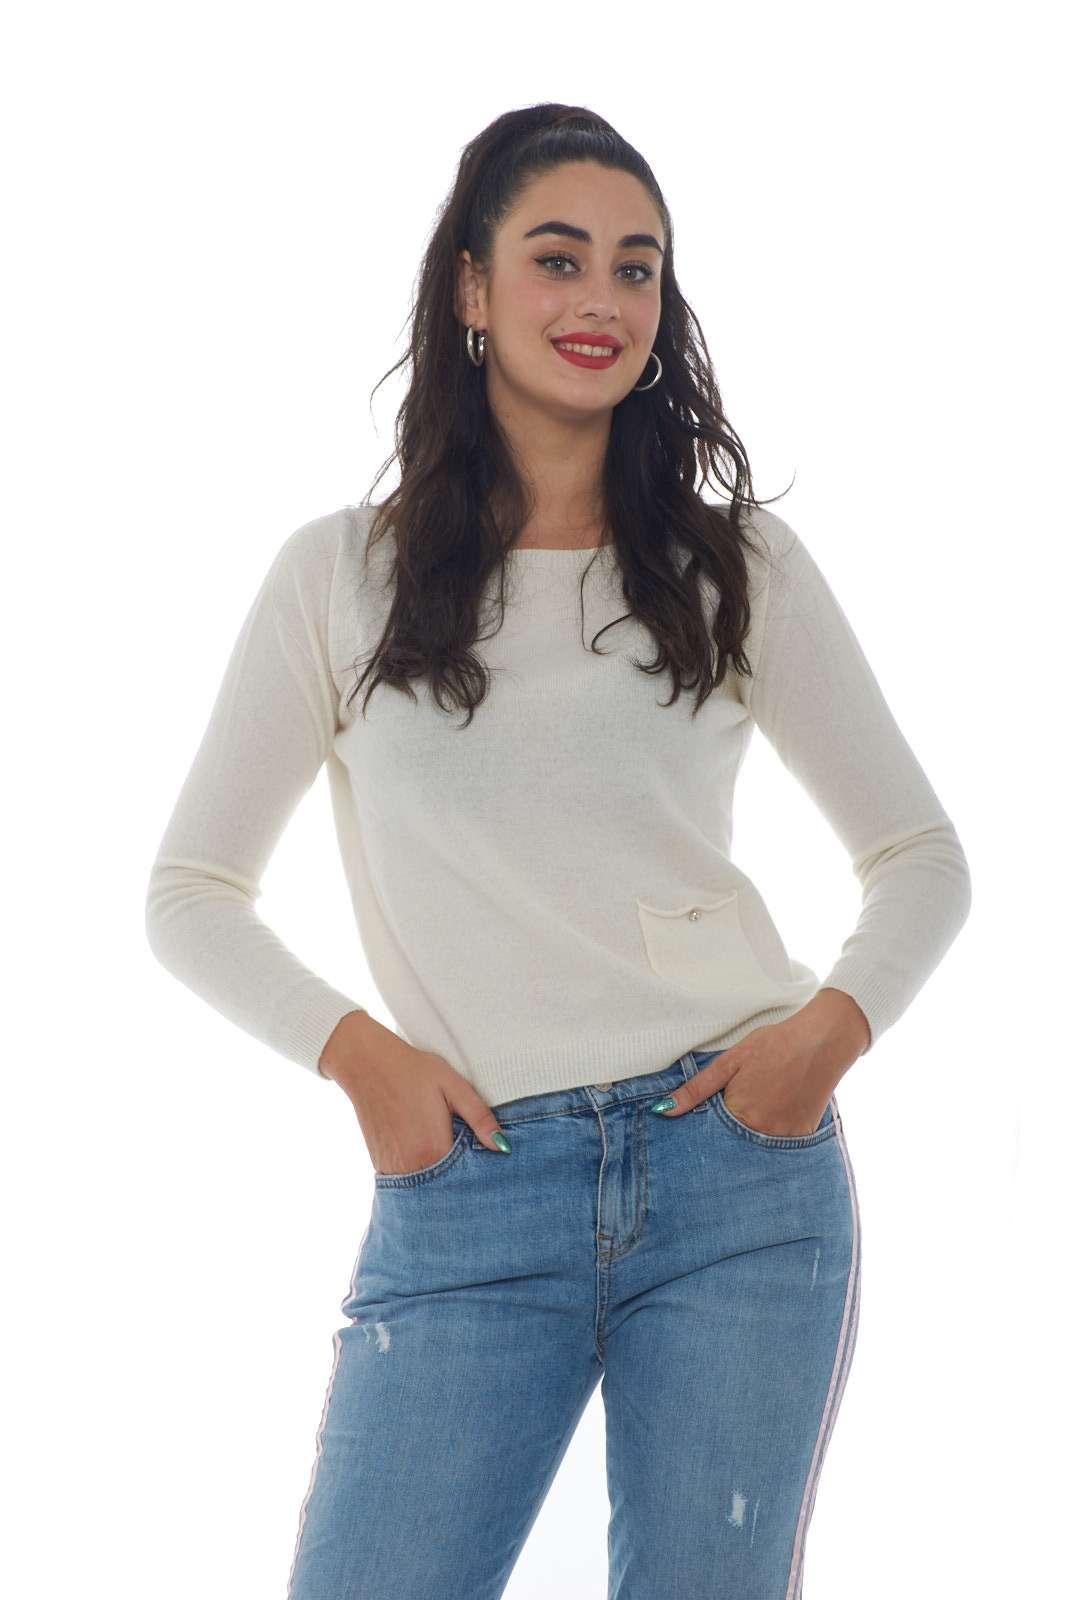 Una maglia firmata Liu Jo, casual e versatile, perfetta per outfit chic e quotidiani. Abbinabile con tutto, dai jeans, ai pantaloni, per outfit curati e sempre diversi.